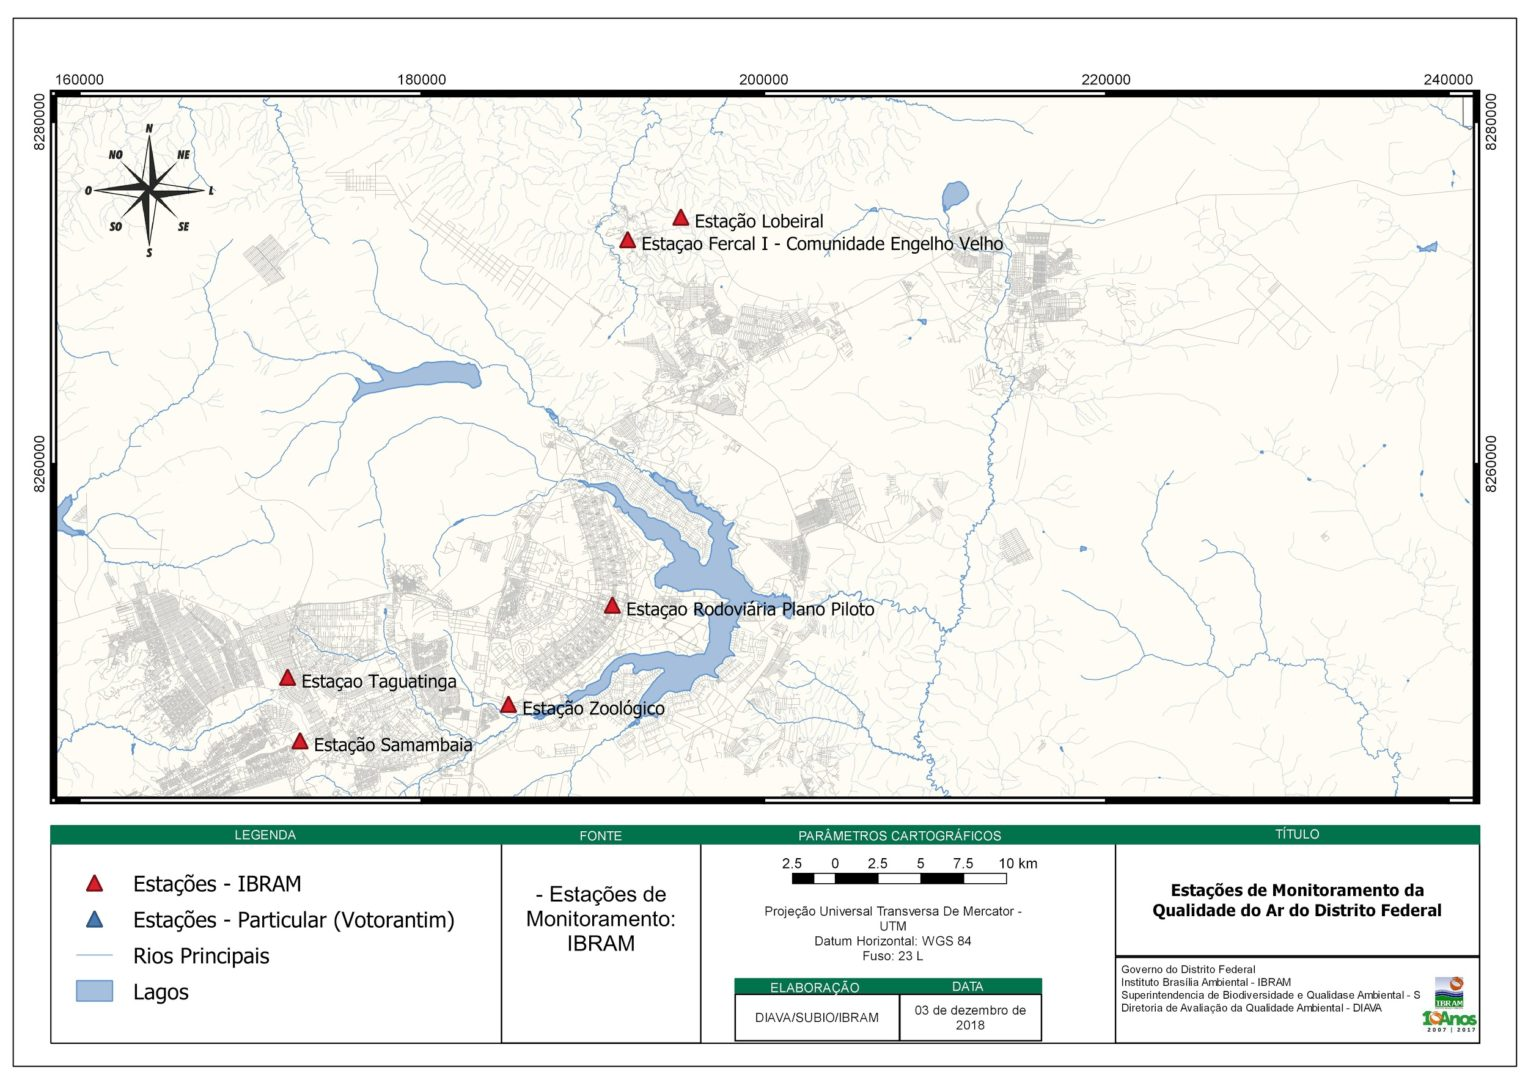 04d1c11f7d552 Localização dos pontos da rede de monitoramento da qualidade do ar no DF.